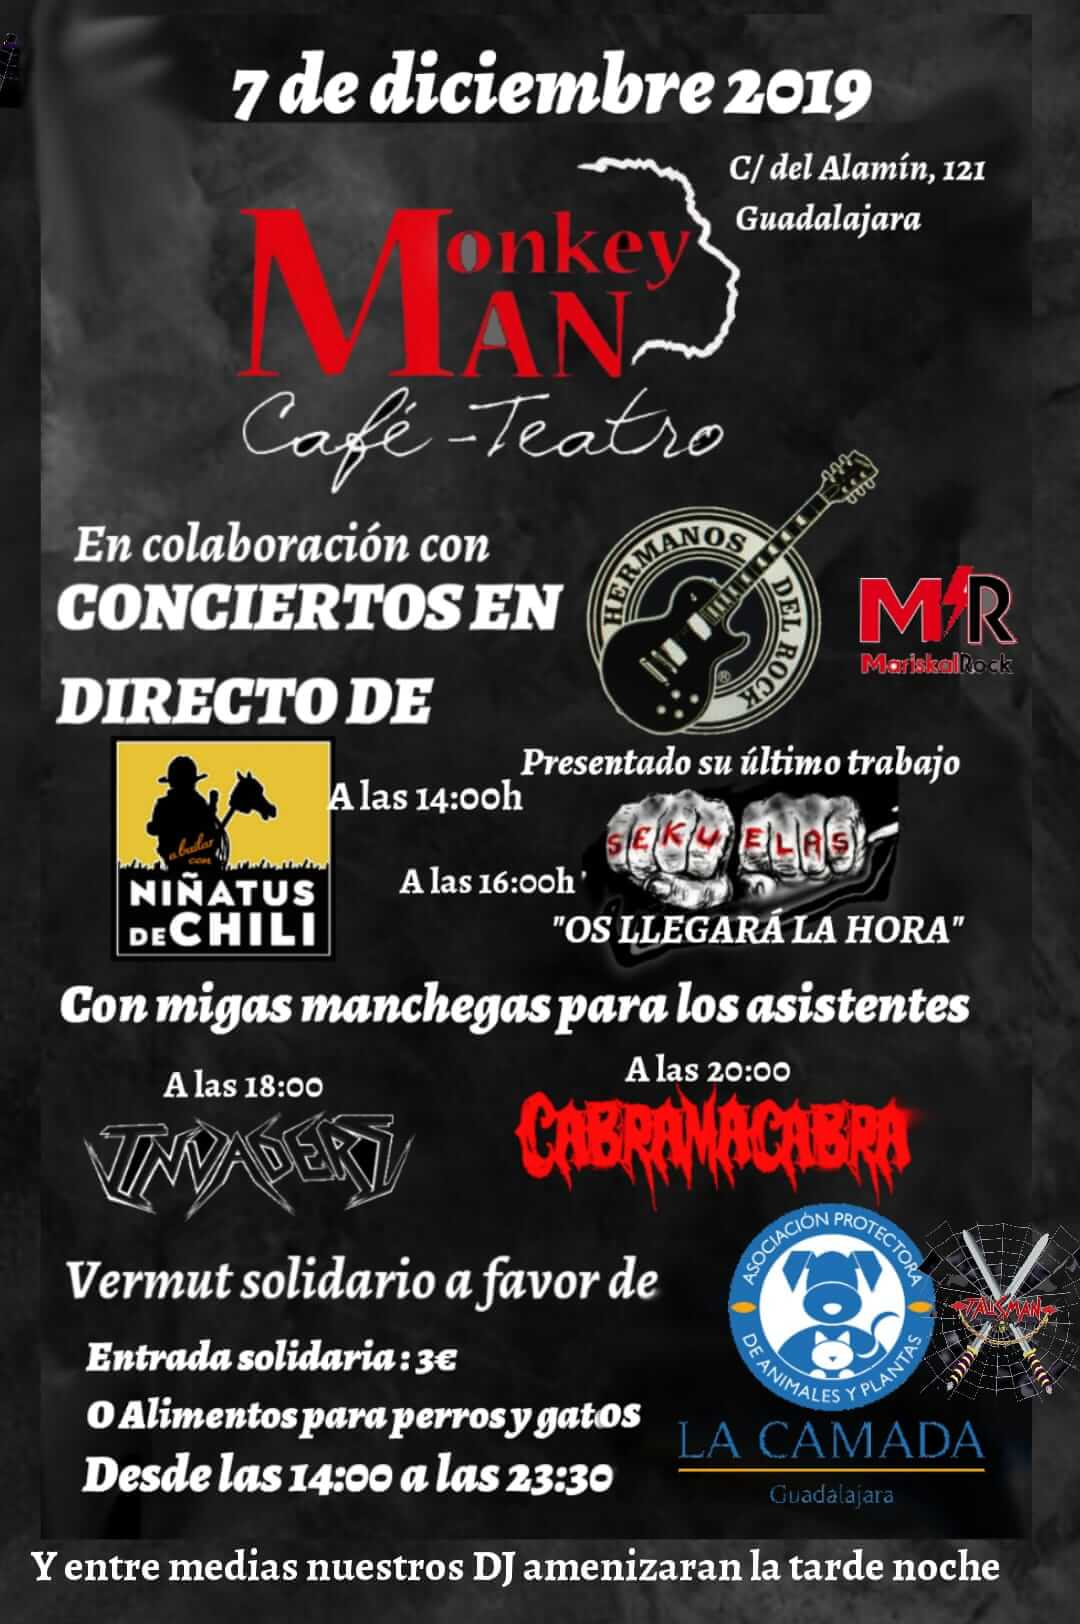 Vermú solidario y conciertos de Rock en Monkey Man a favor de los perros y gatos de La Camada